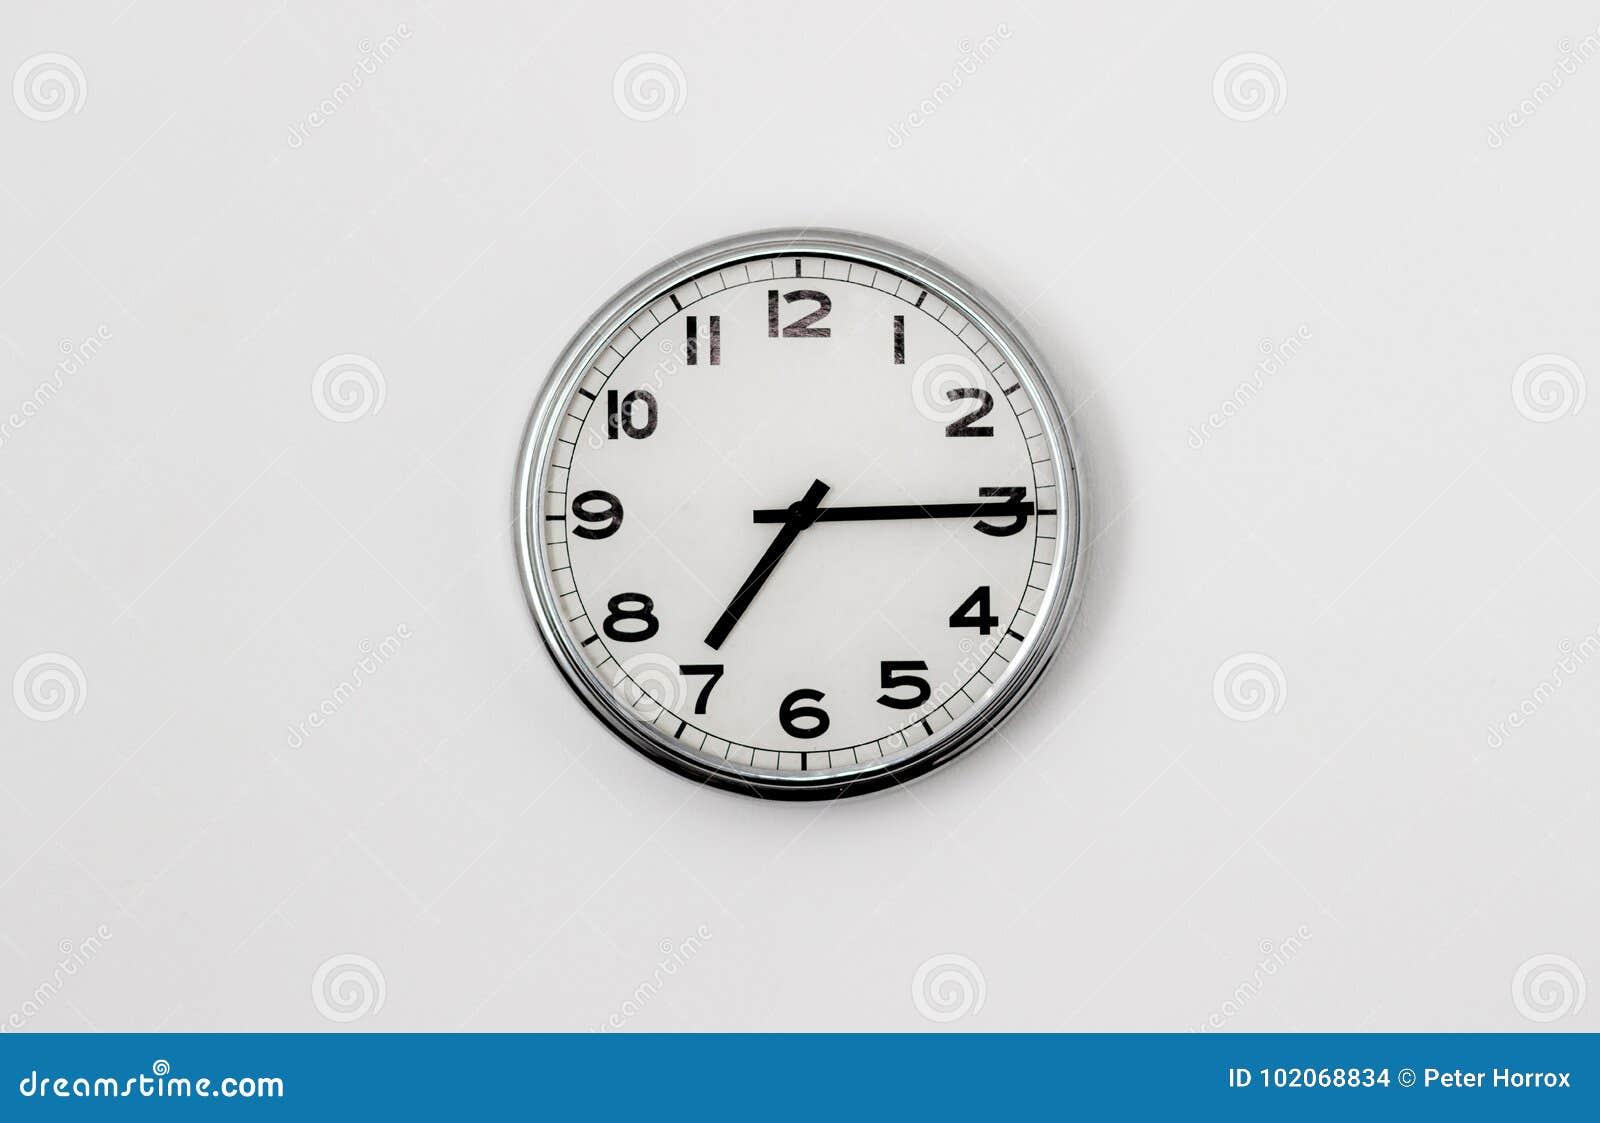 7:15 del reloj